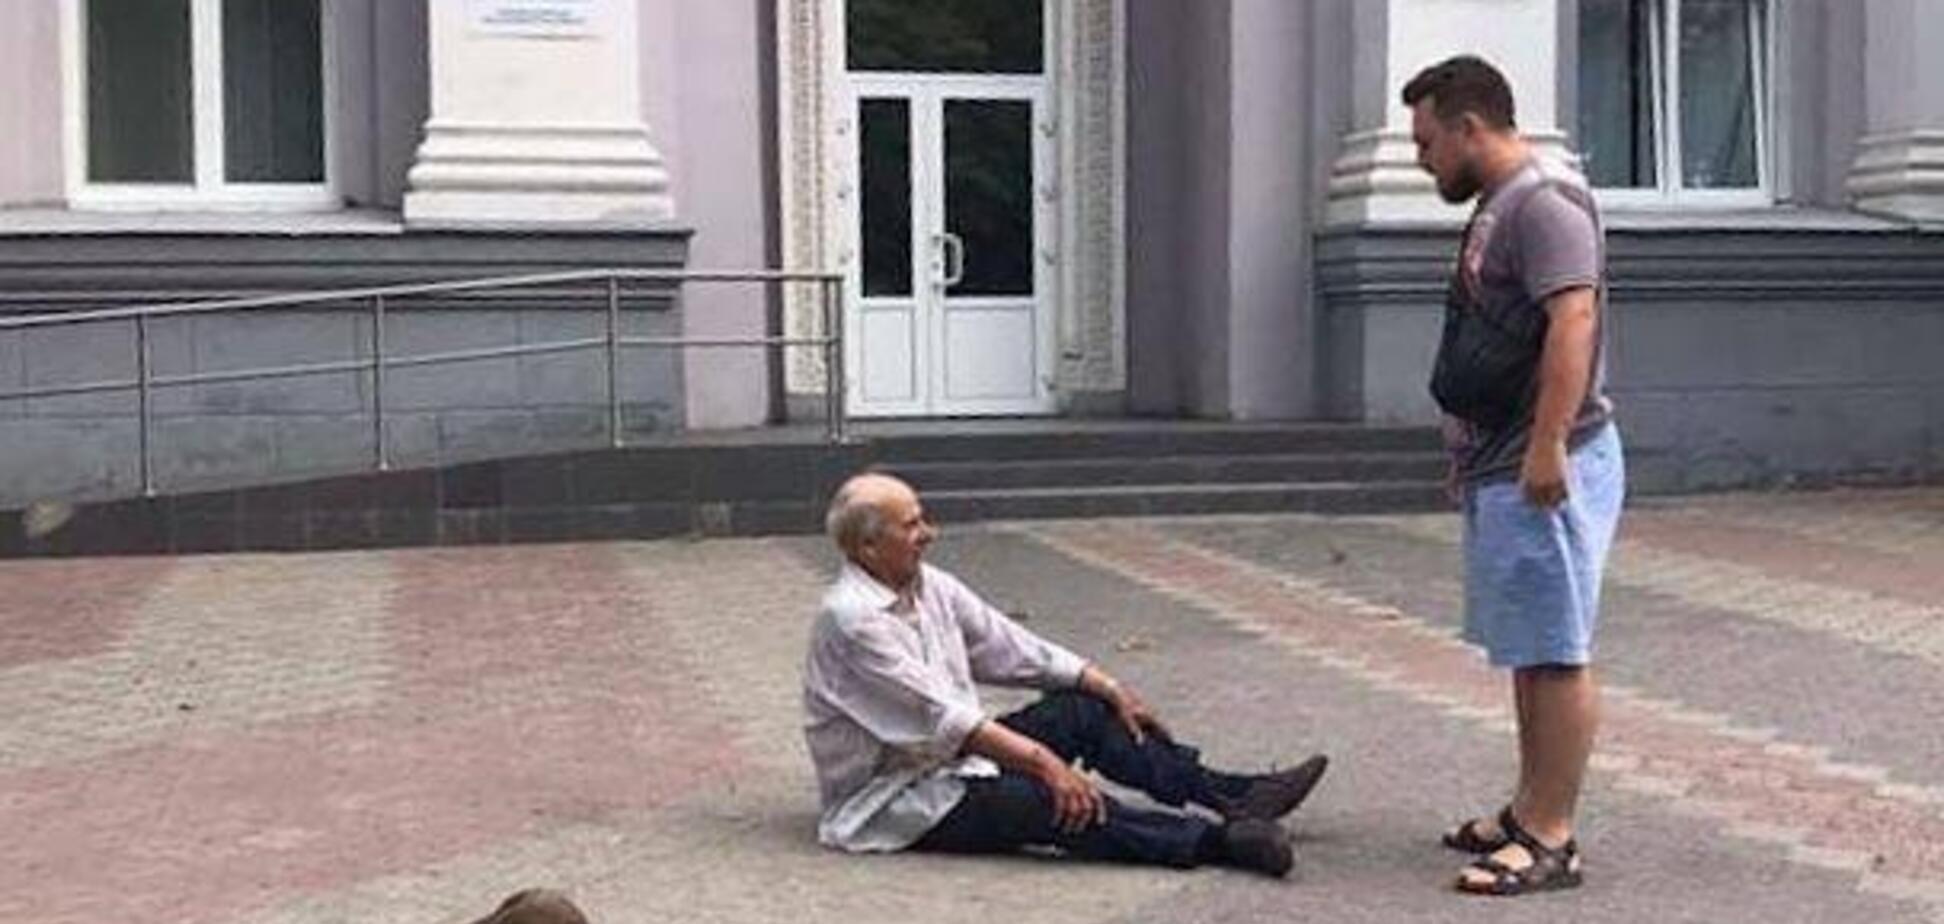 В Новомосковске спасли пожилого мужчину с расстройством памяти